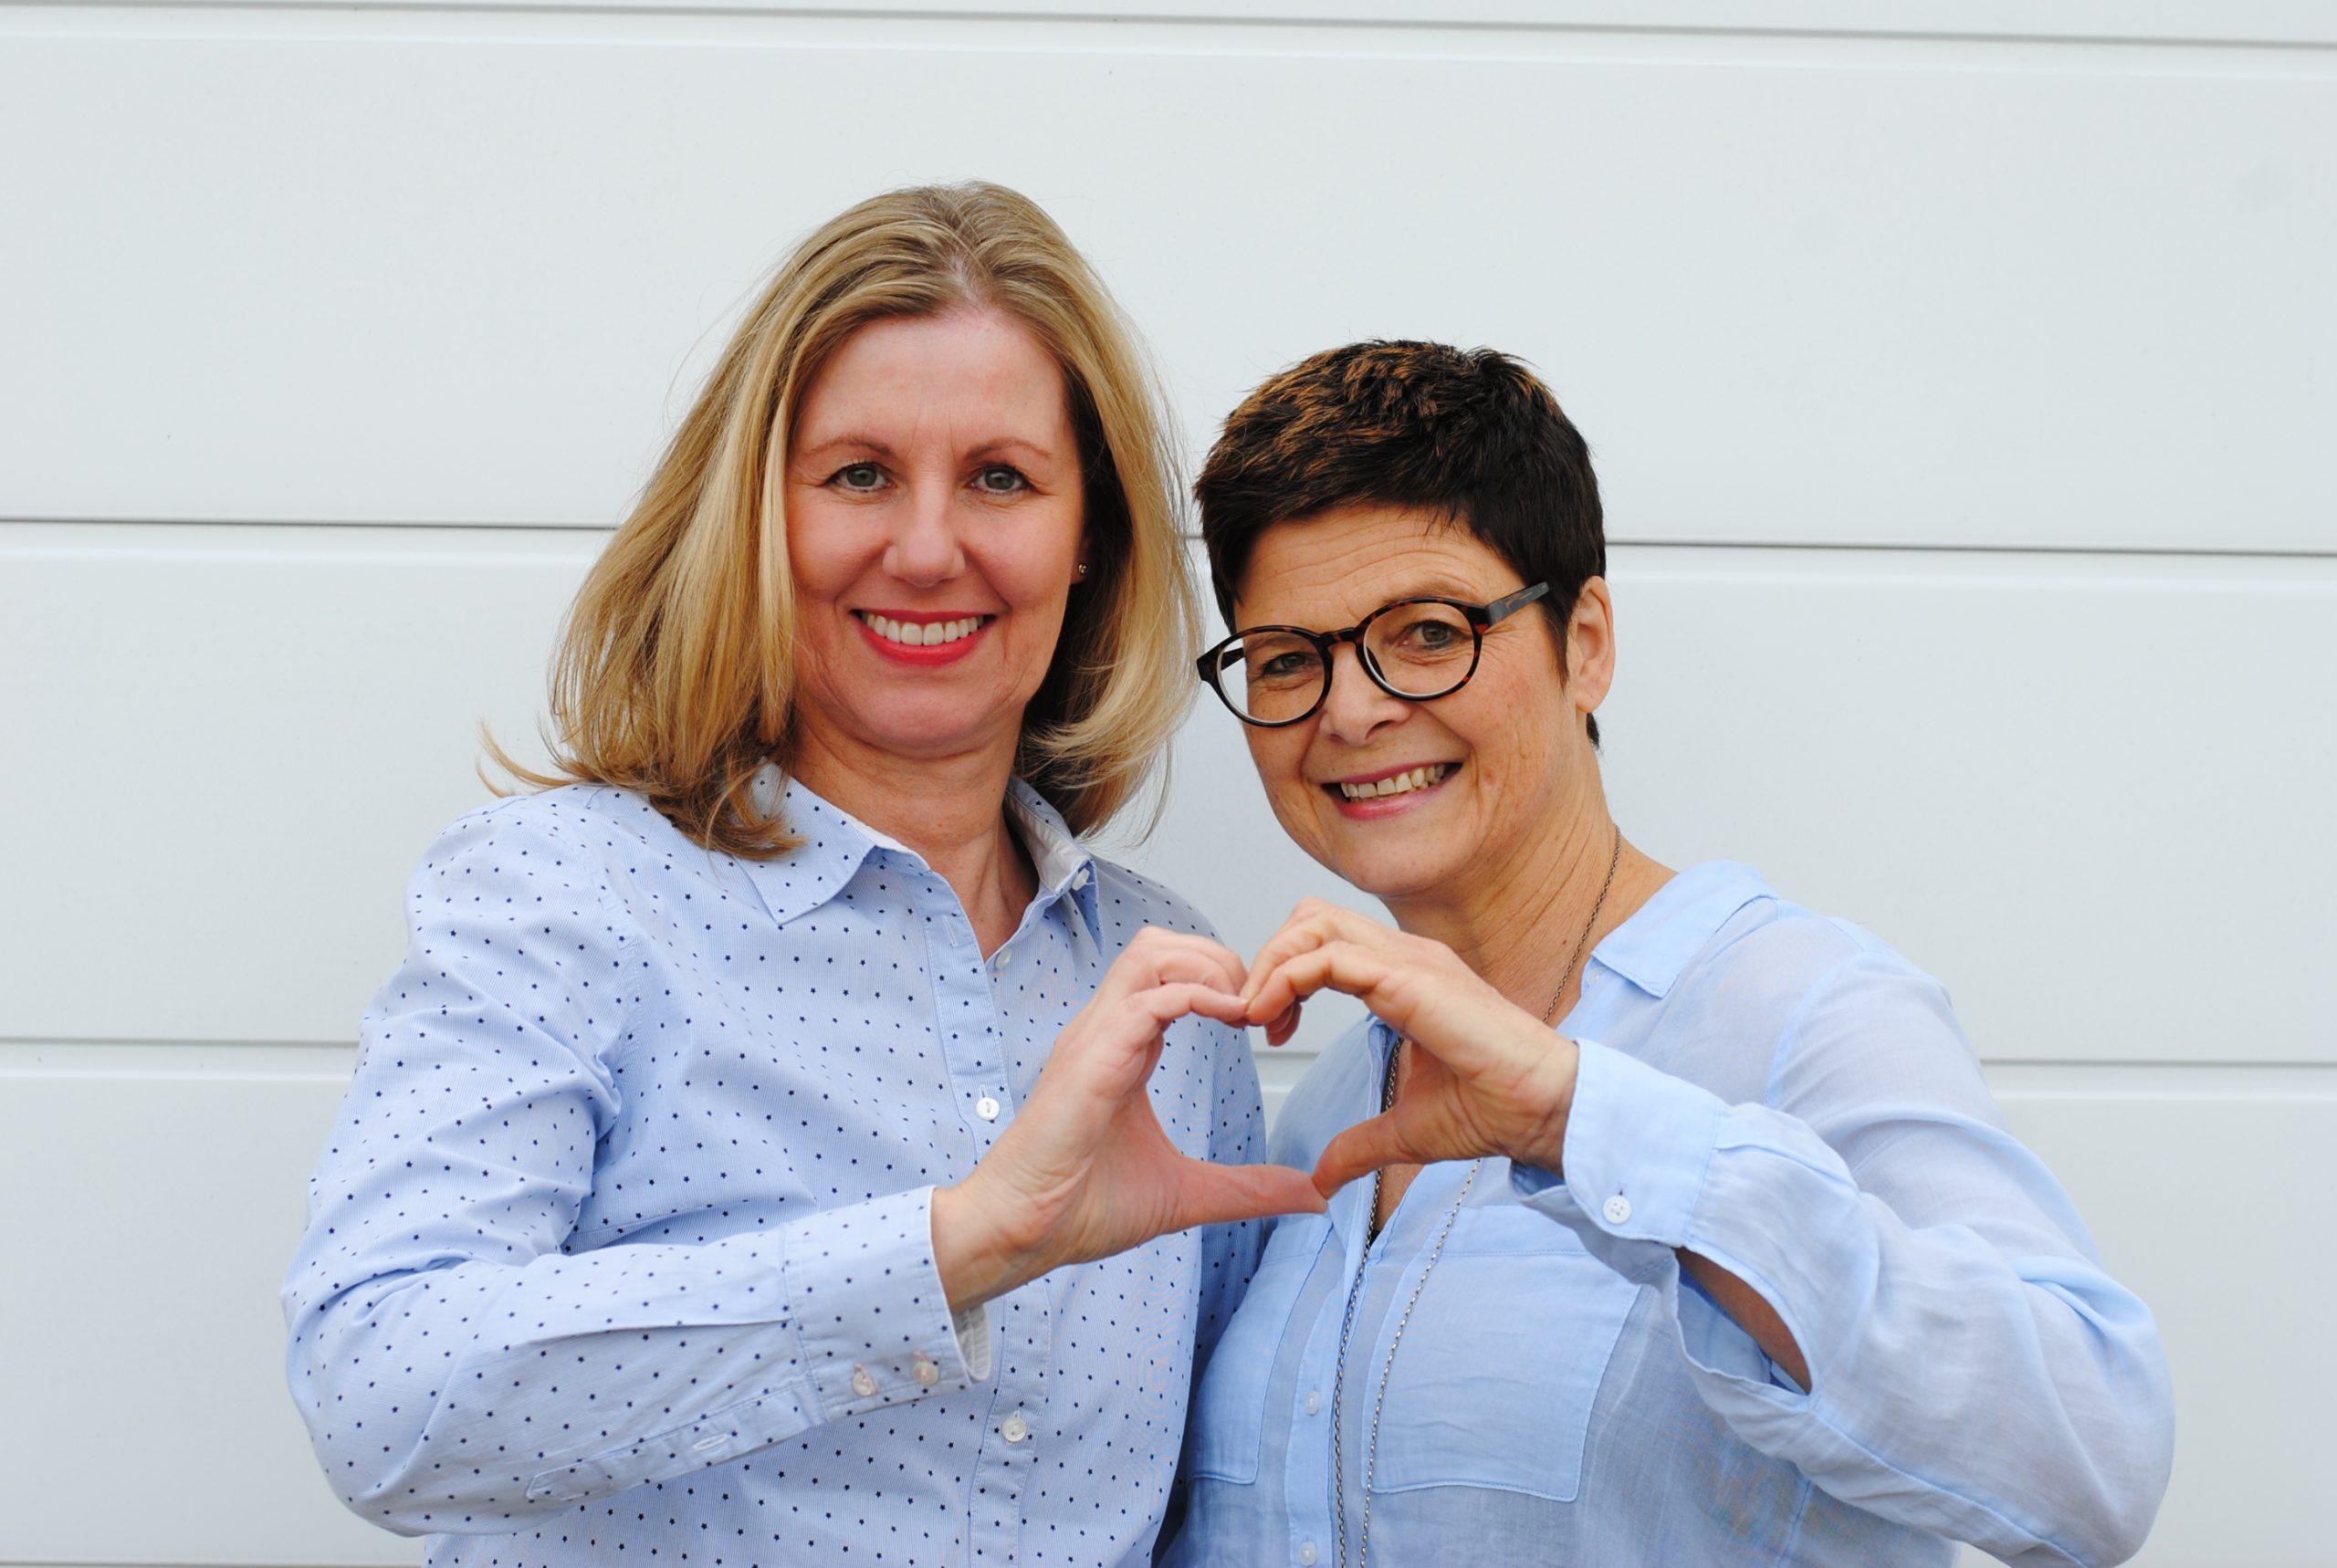 Angele und Ulrike mit Herzmimik